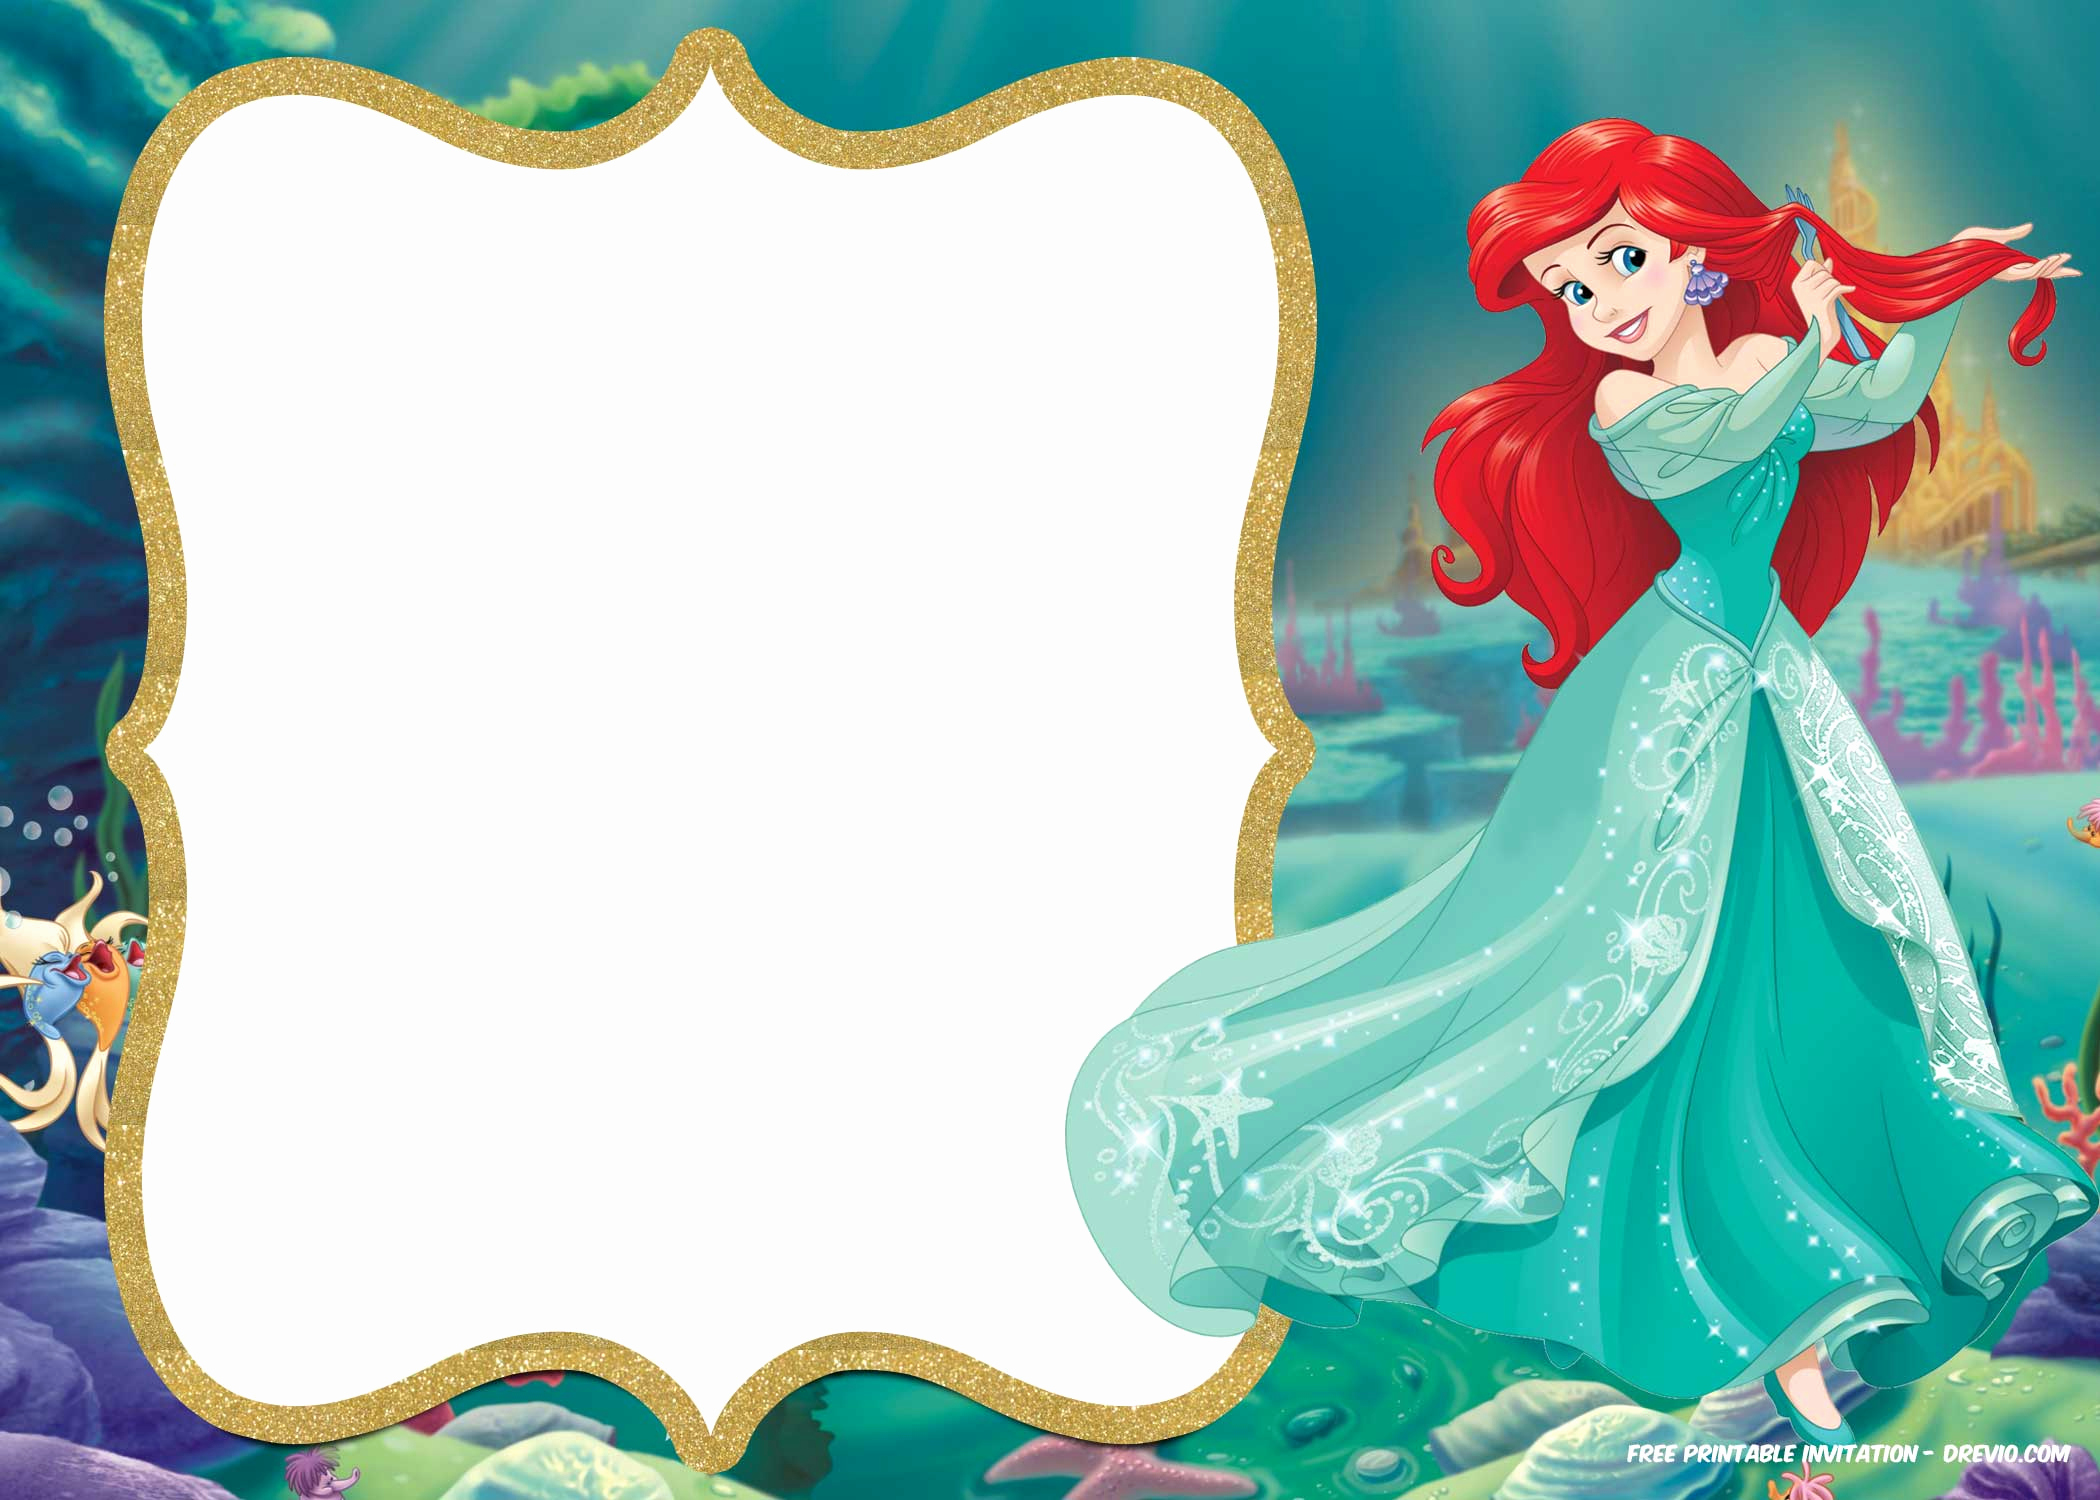 Mermaid Birthday Invitation Templates Awesome Free Printable Ariel Little Mermaid Invitation Template